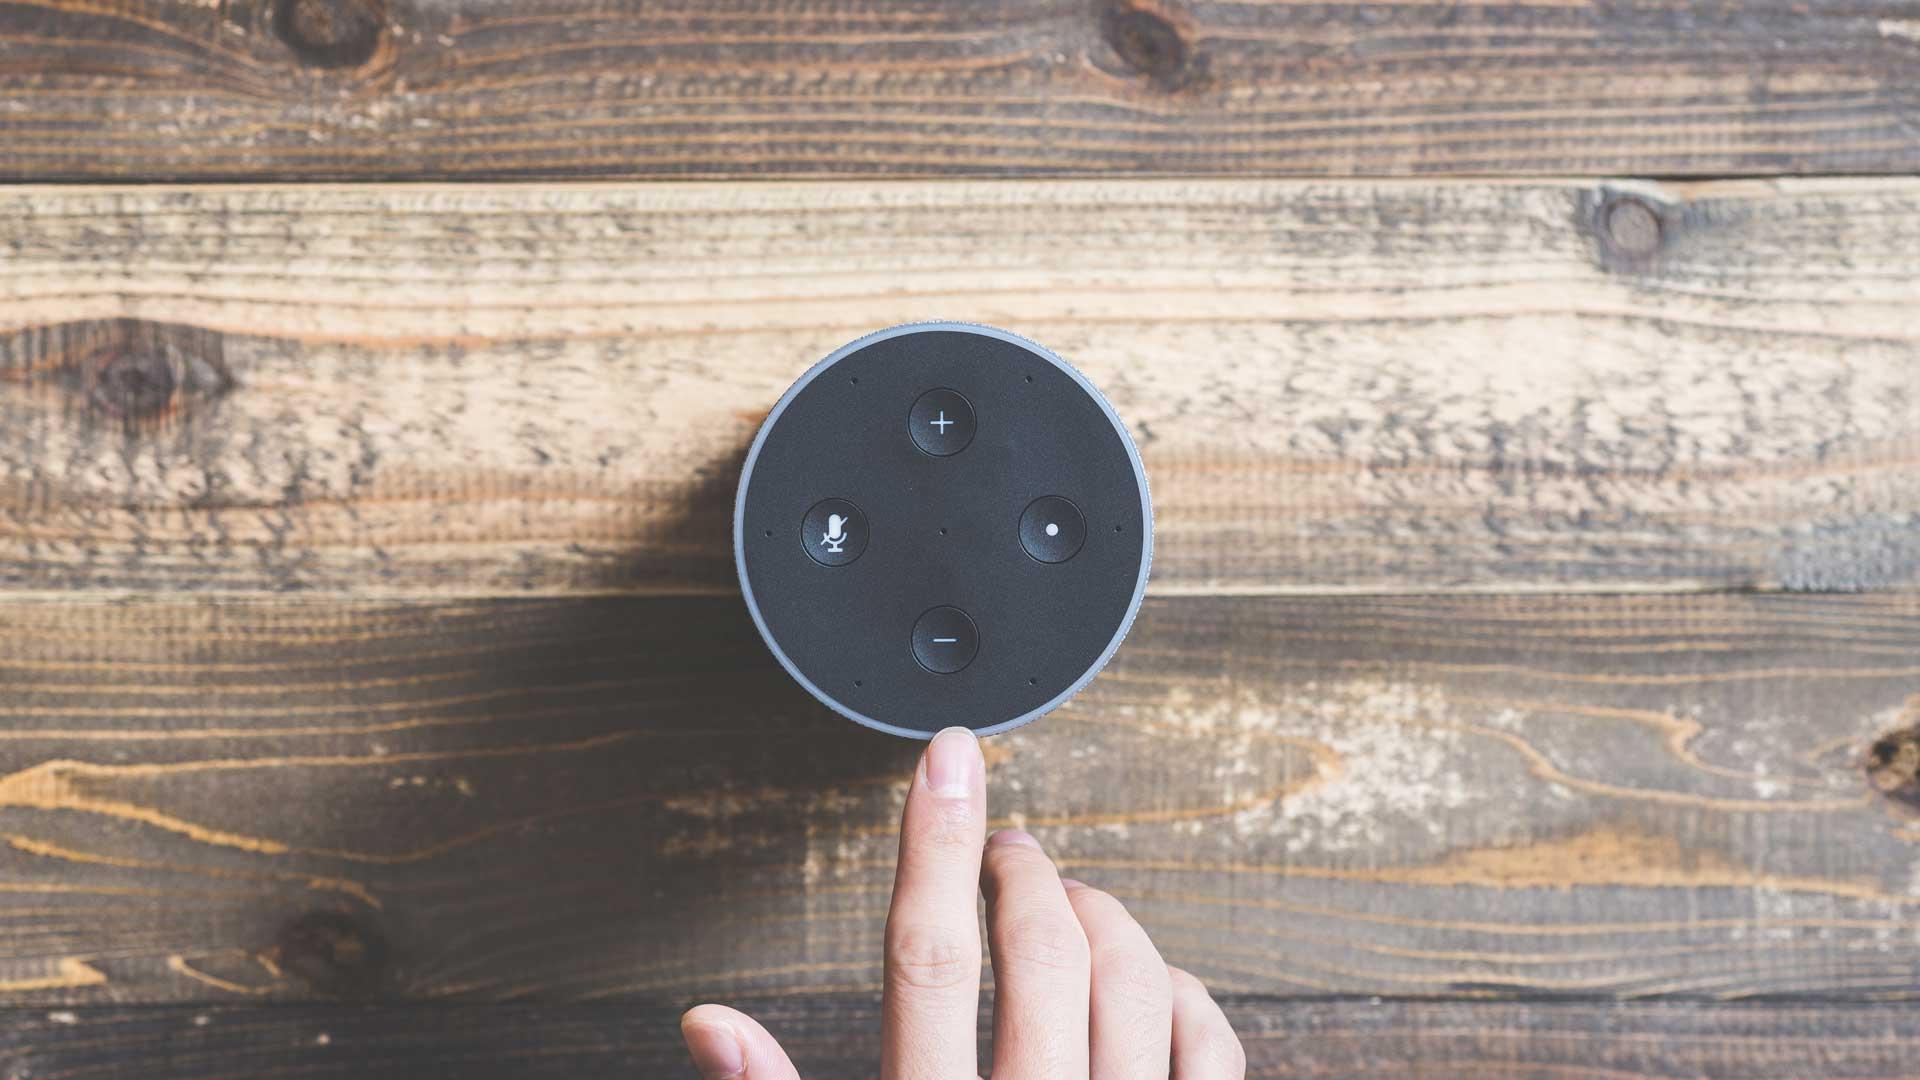 Vous cherchez à optimiser l'expérience d'achat de vos clients ? Faites appel à Zaion pour la solution voicebot.